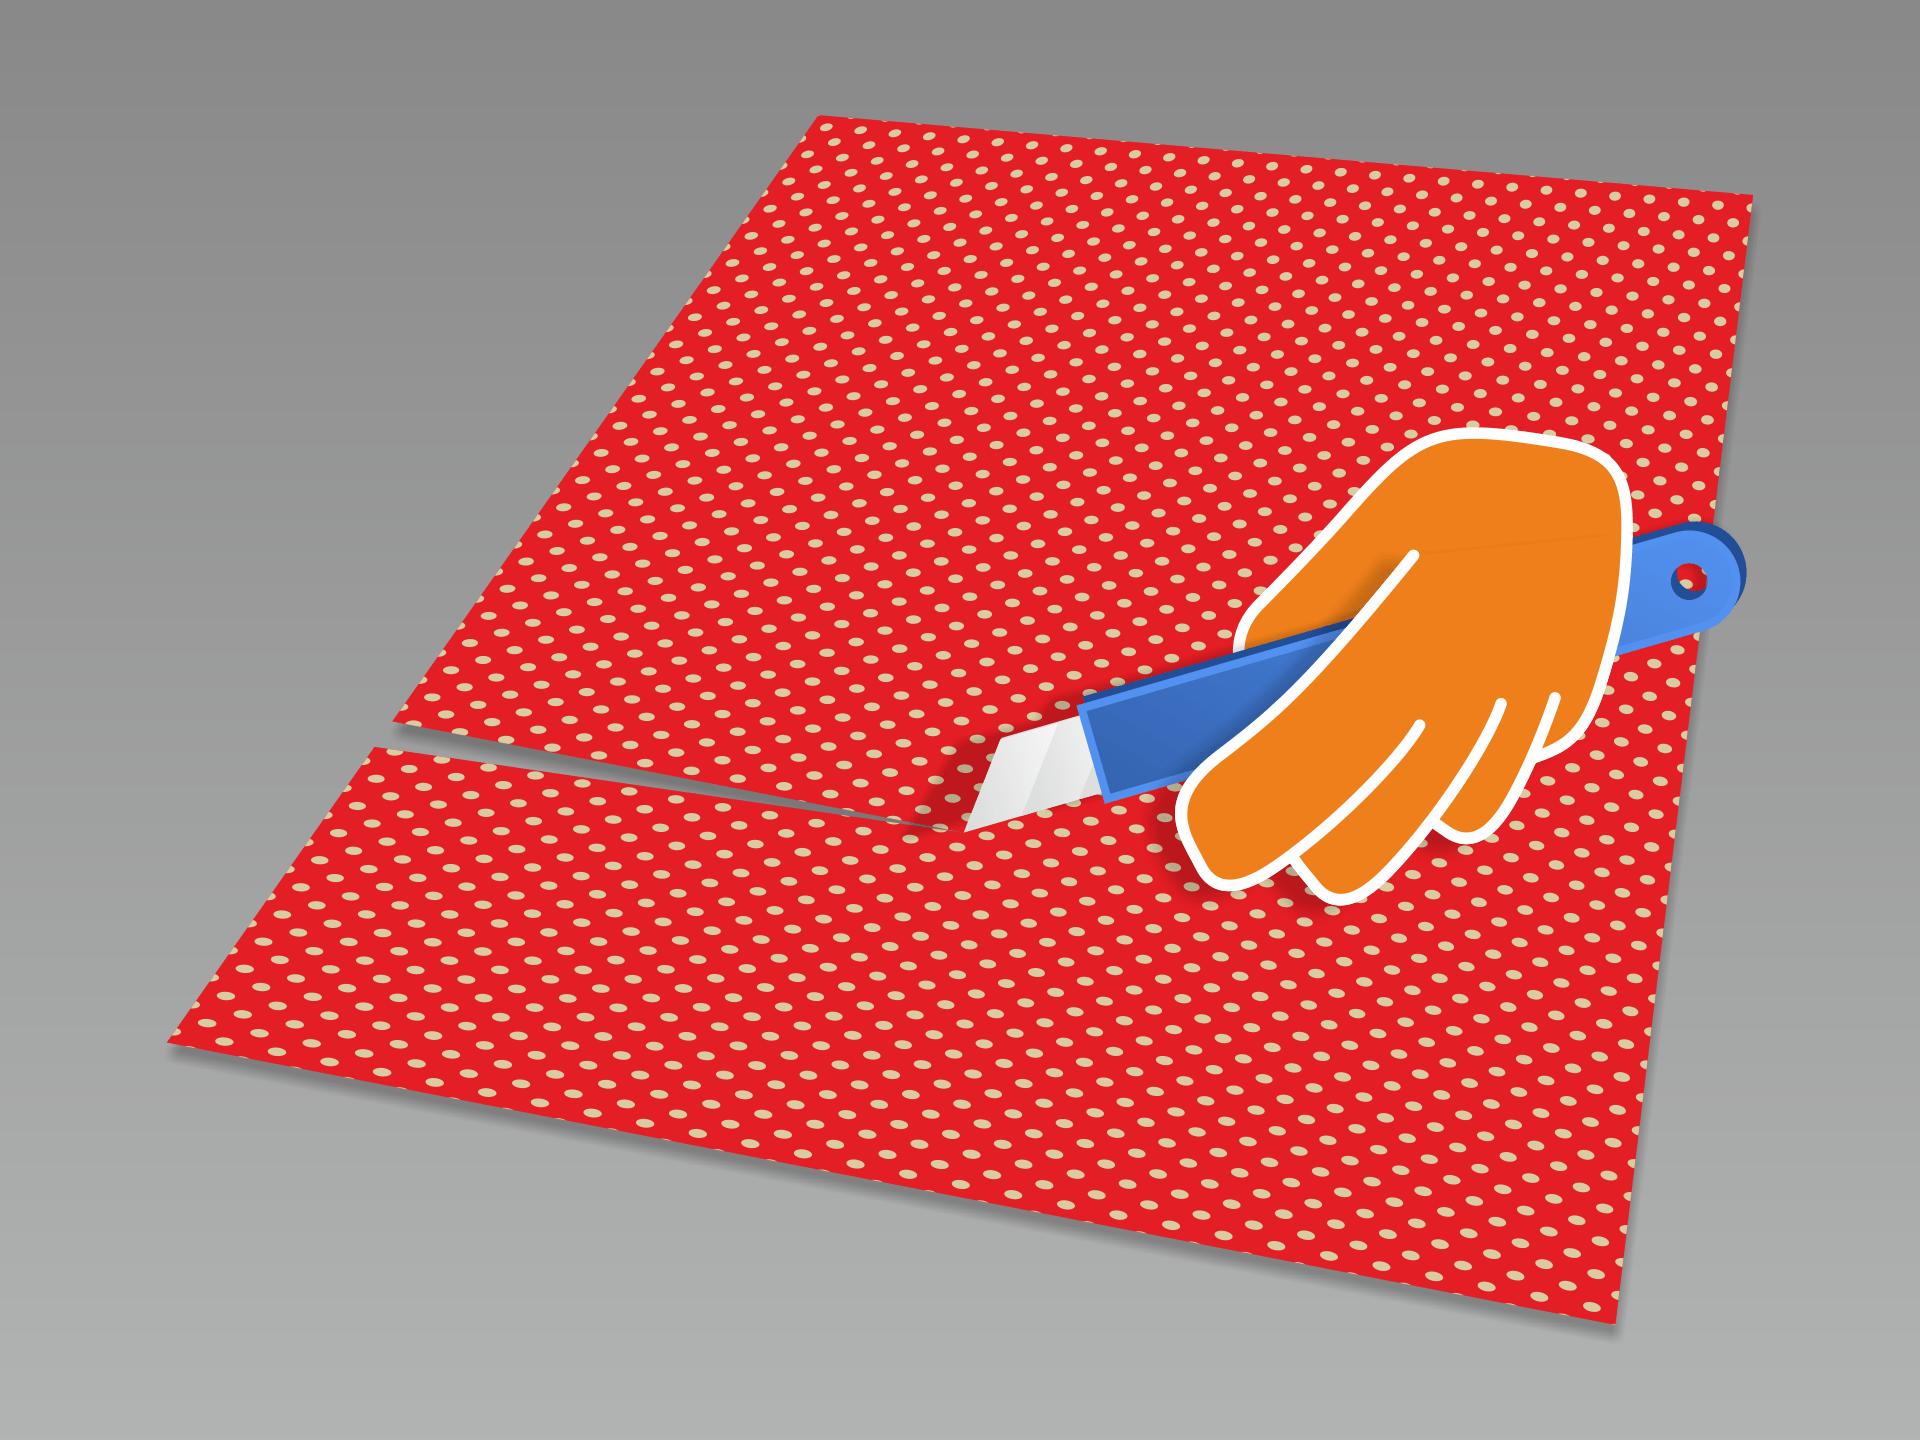 Die Folie mit einem Cuttermesser grob zuschneiden und an die zu beklebenden Flächen anpassen. Die Folienzuschnitte sollten etwas größer sein als die Flächen. Besonders dann, wenn die Kanten später umgelegt werden sollen (siehe Schritt 7).